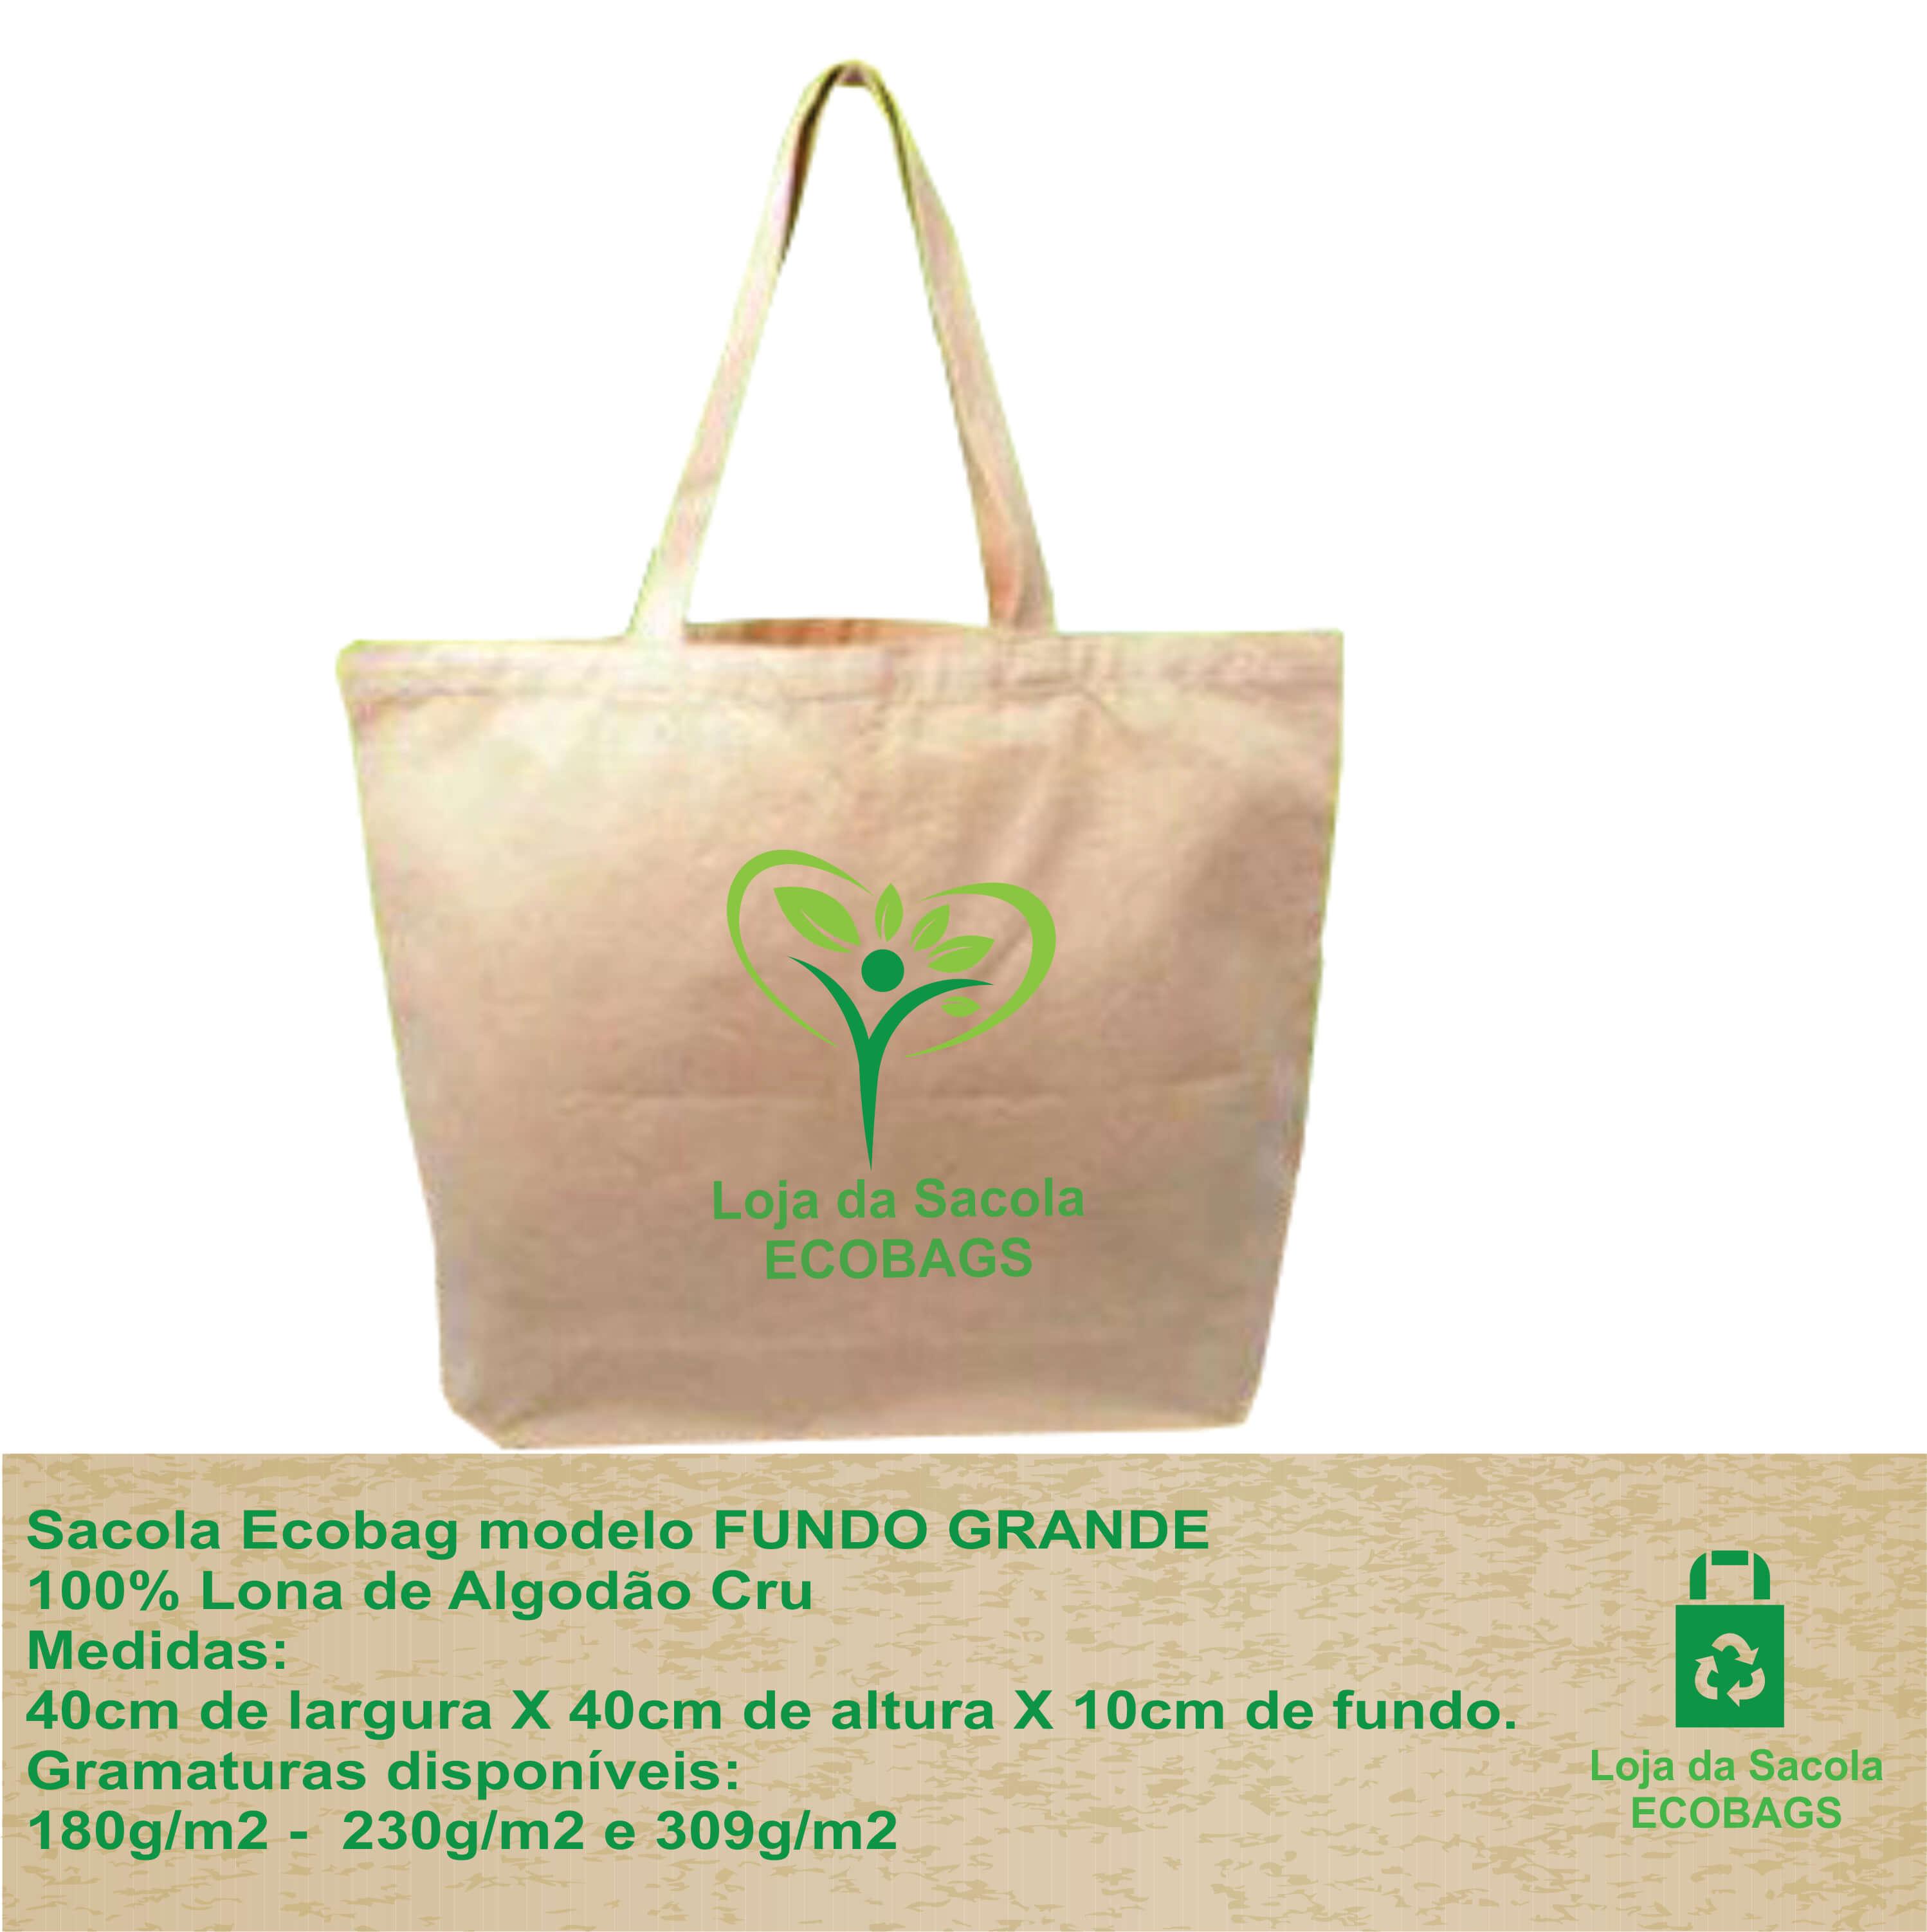 Sacola Ecobag Fundo Grande